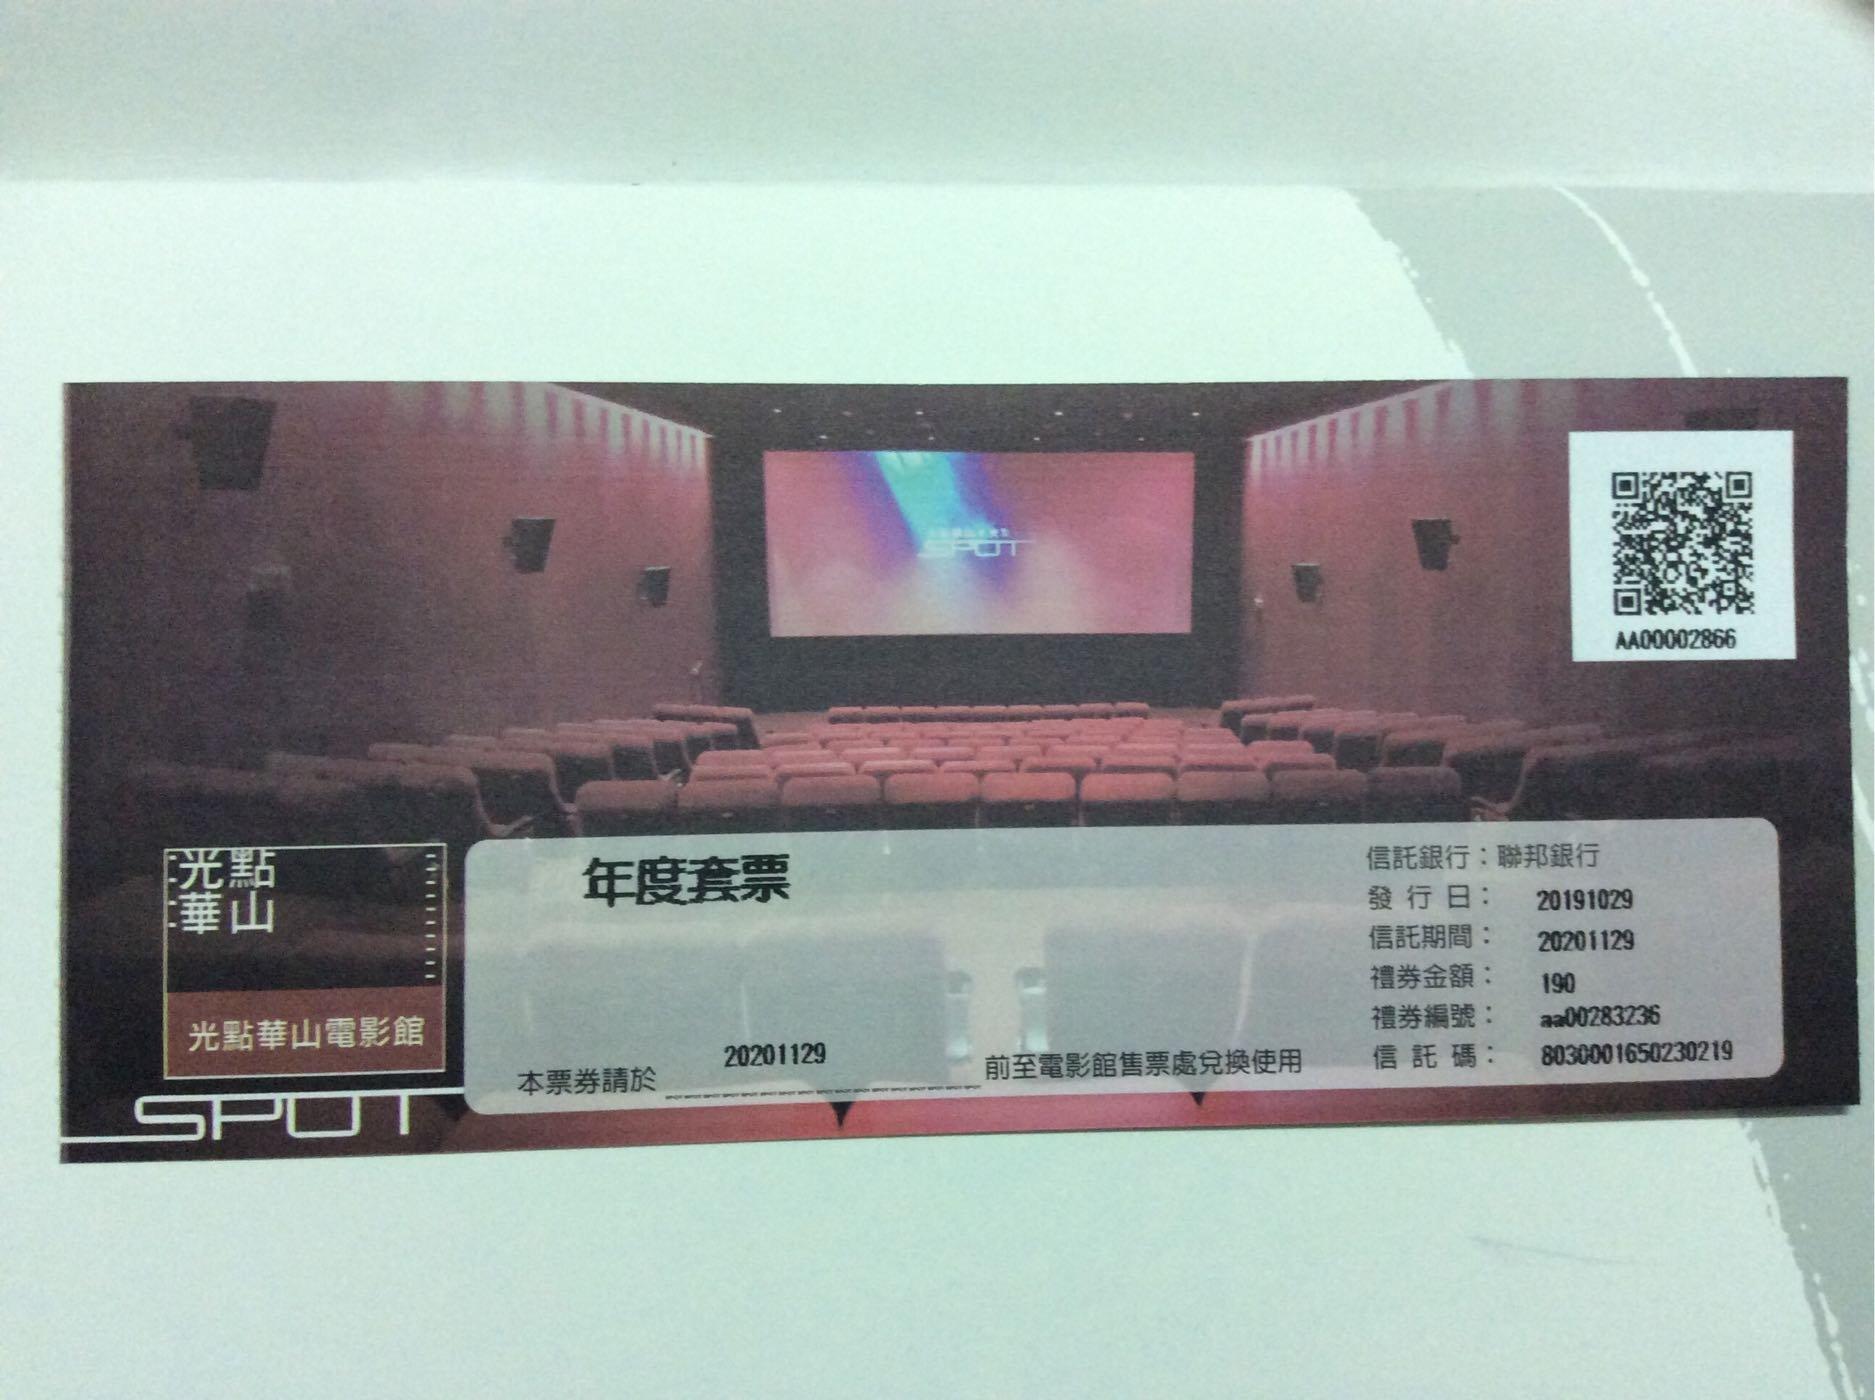 台北 光點華山戲院 年票 團體票 1張190元 期限到明年11月